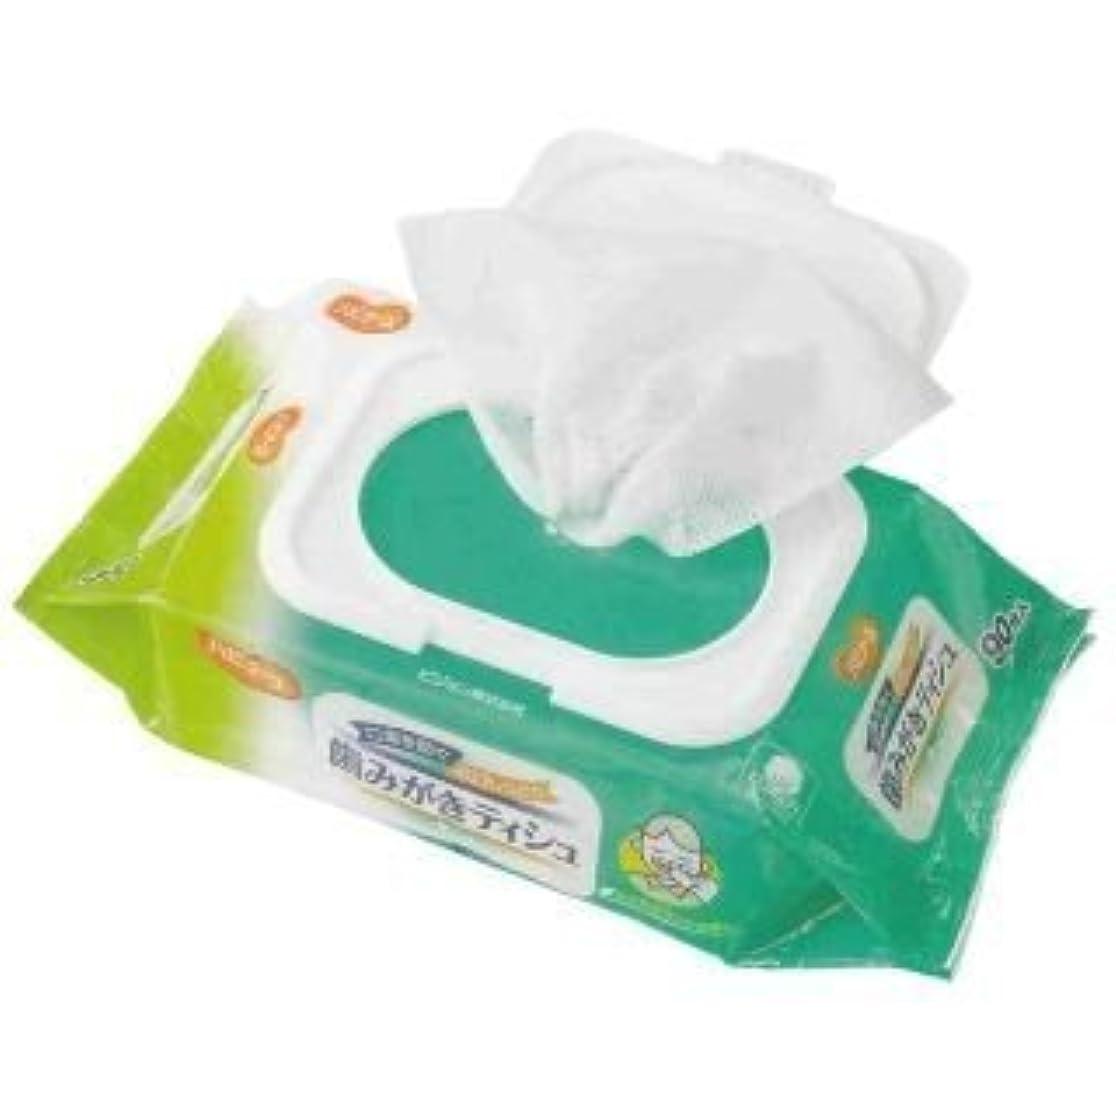 ストリーム裂け目次口臭を防ぐ&お口しっとり!ふきとりやすいコットンメッシュシート!お口が乾燥して、お口の臭いが気になるときに!歯みがきティシュ 90枚入